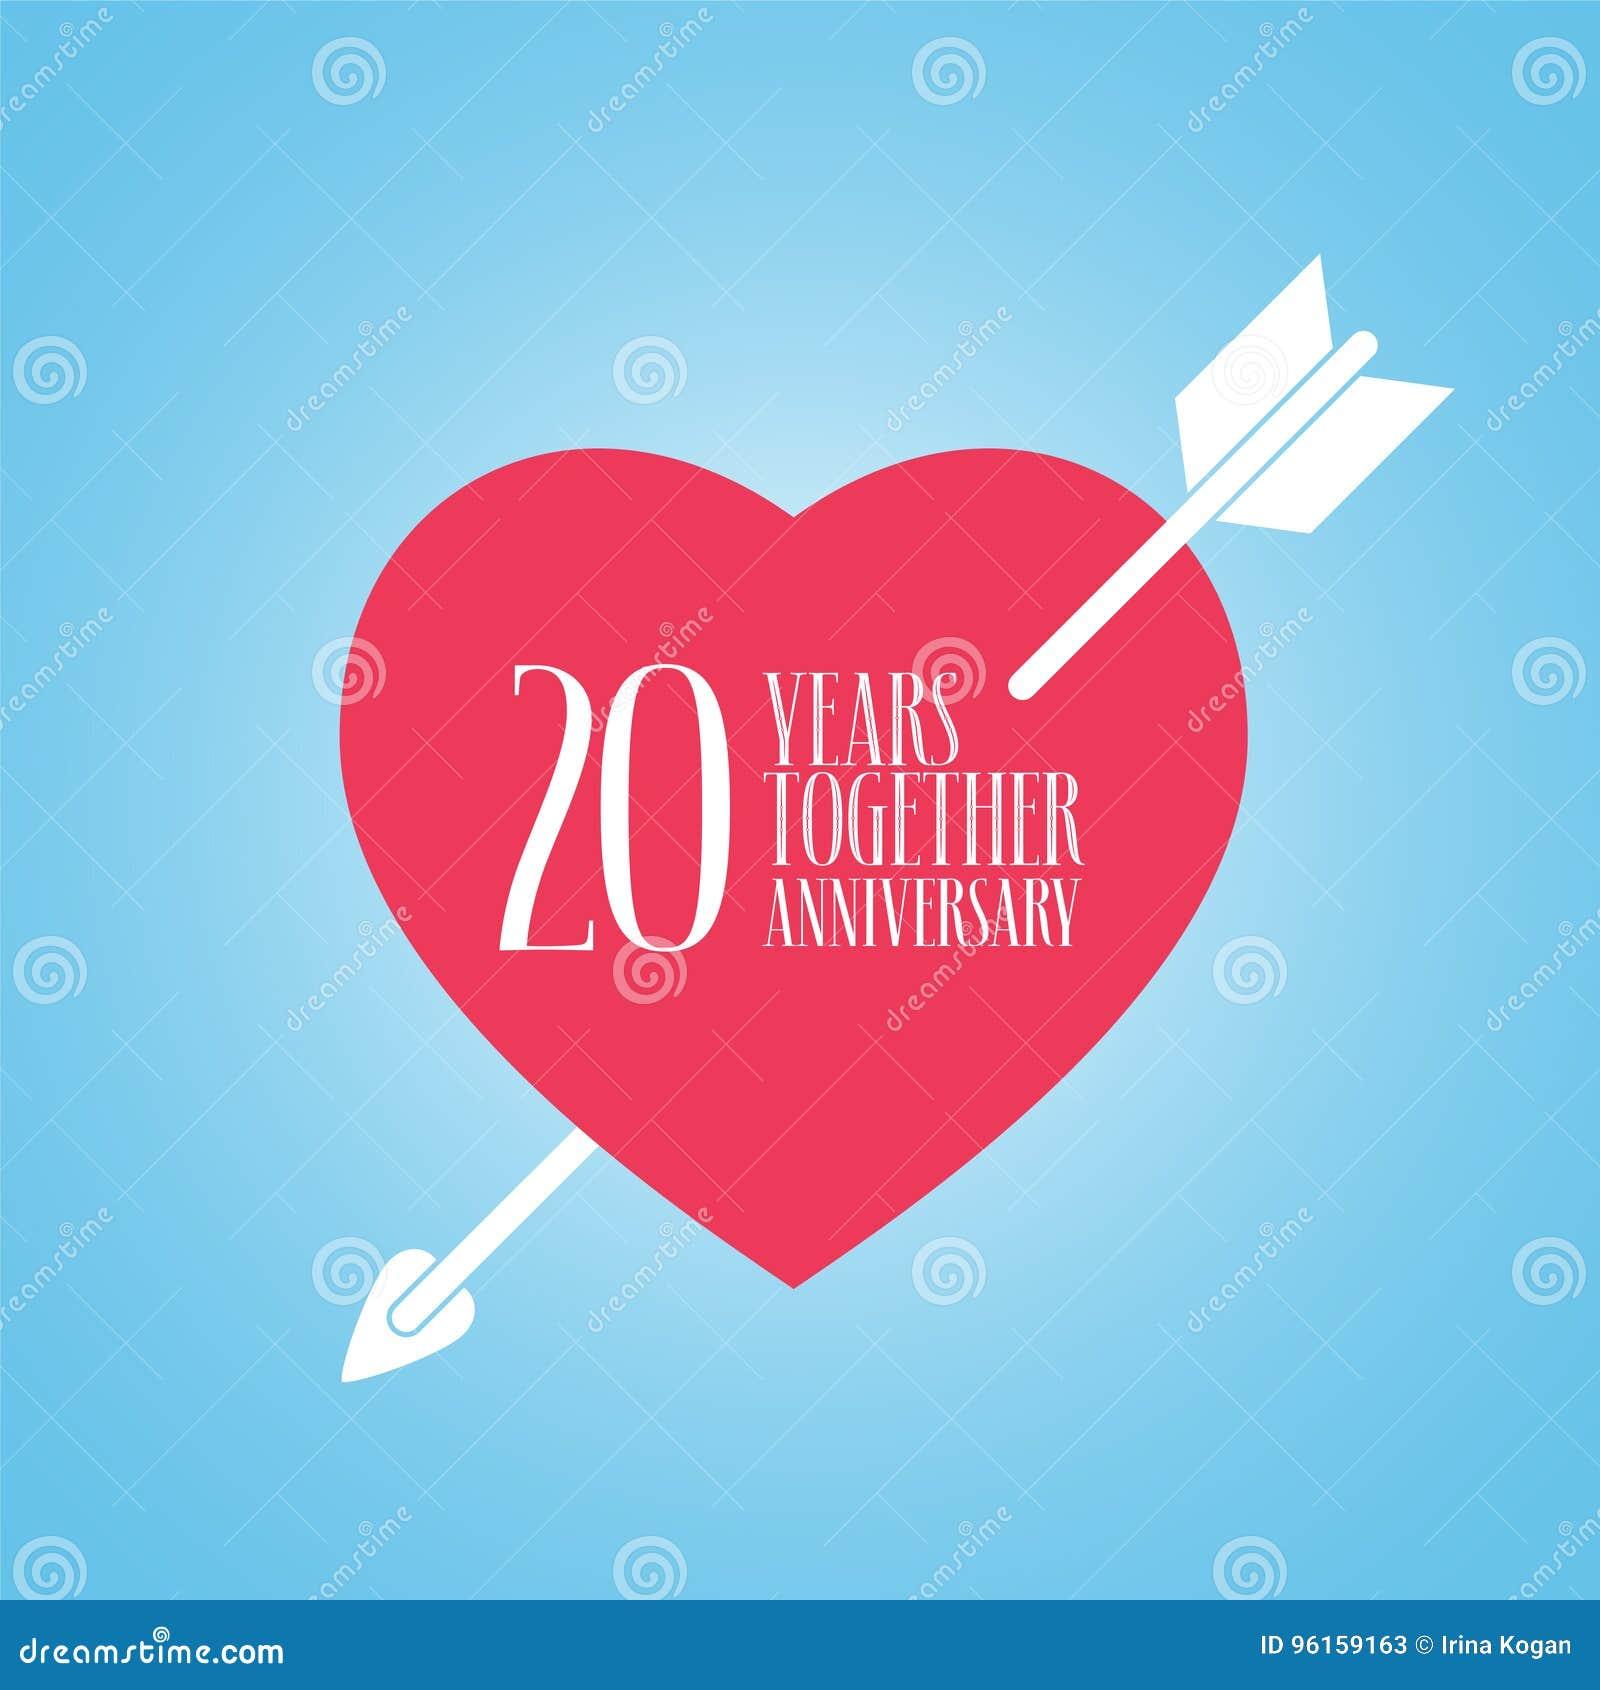 Anniversario Di Matrimonio 20.20 Anni Di Anniversario Dell Icona Di Vettore Di Matrimonio O Di